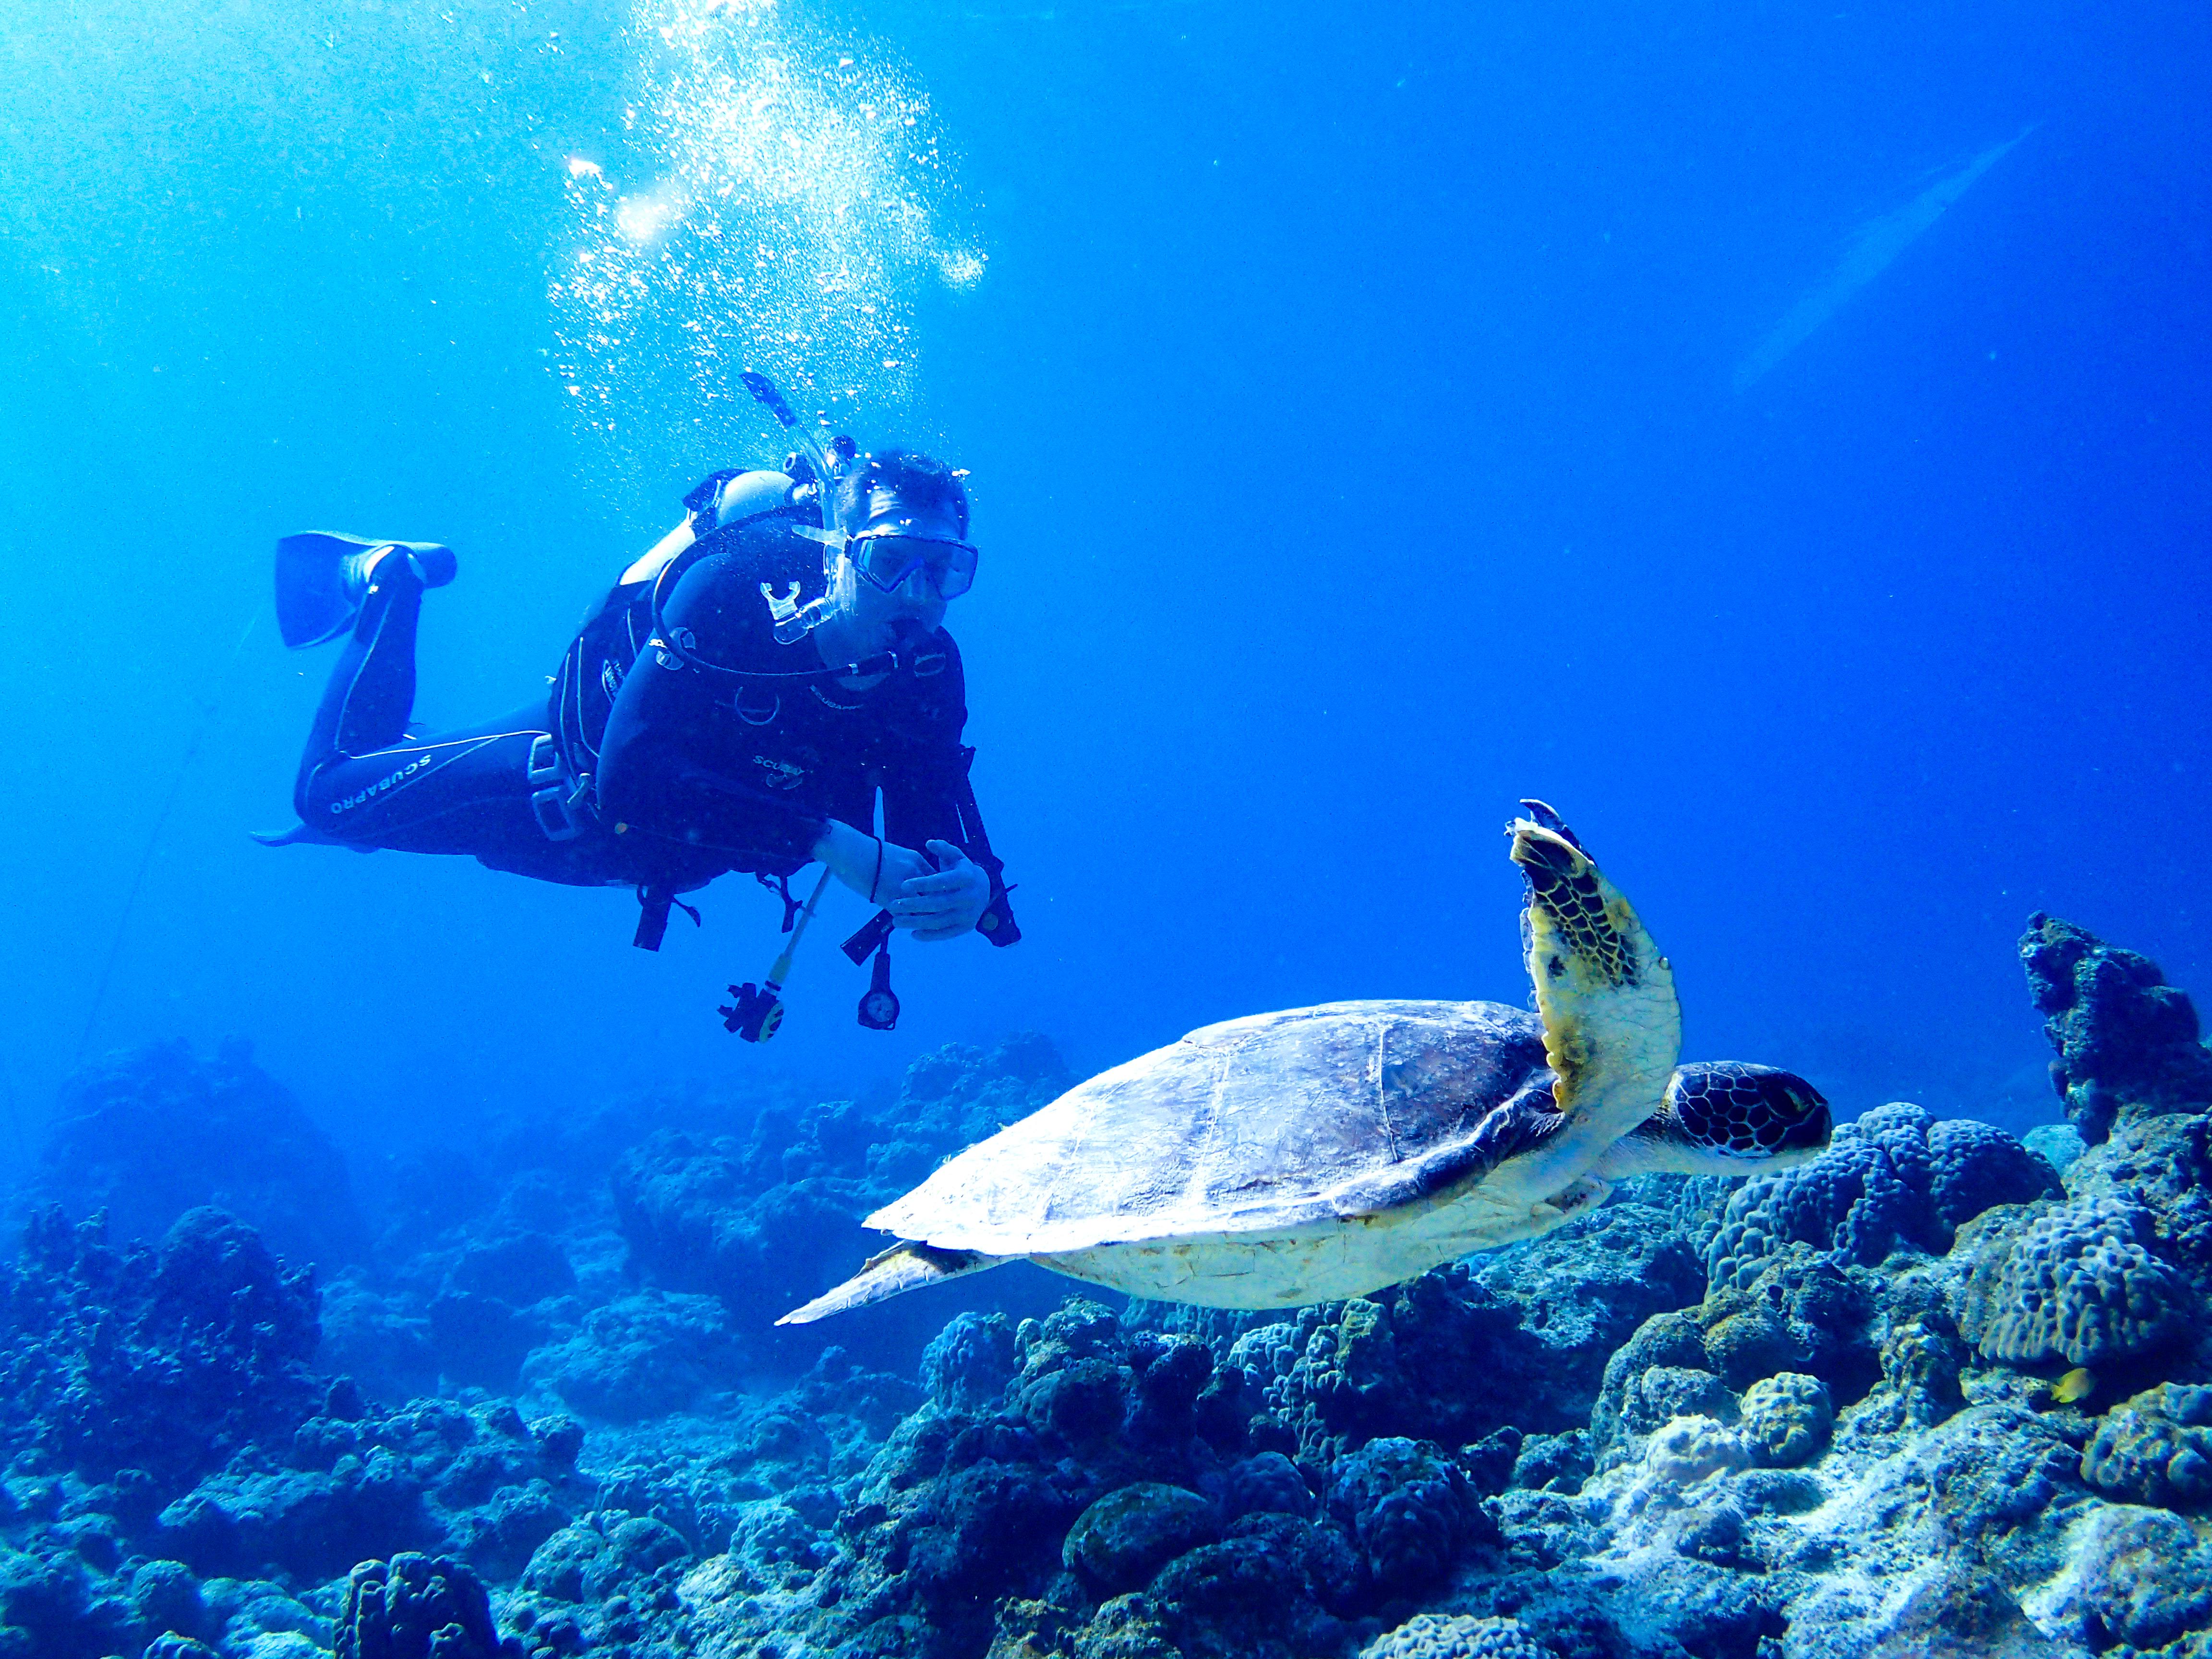 ダイビングをする男性とウミガメ